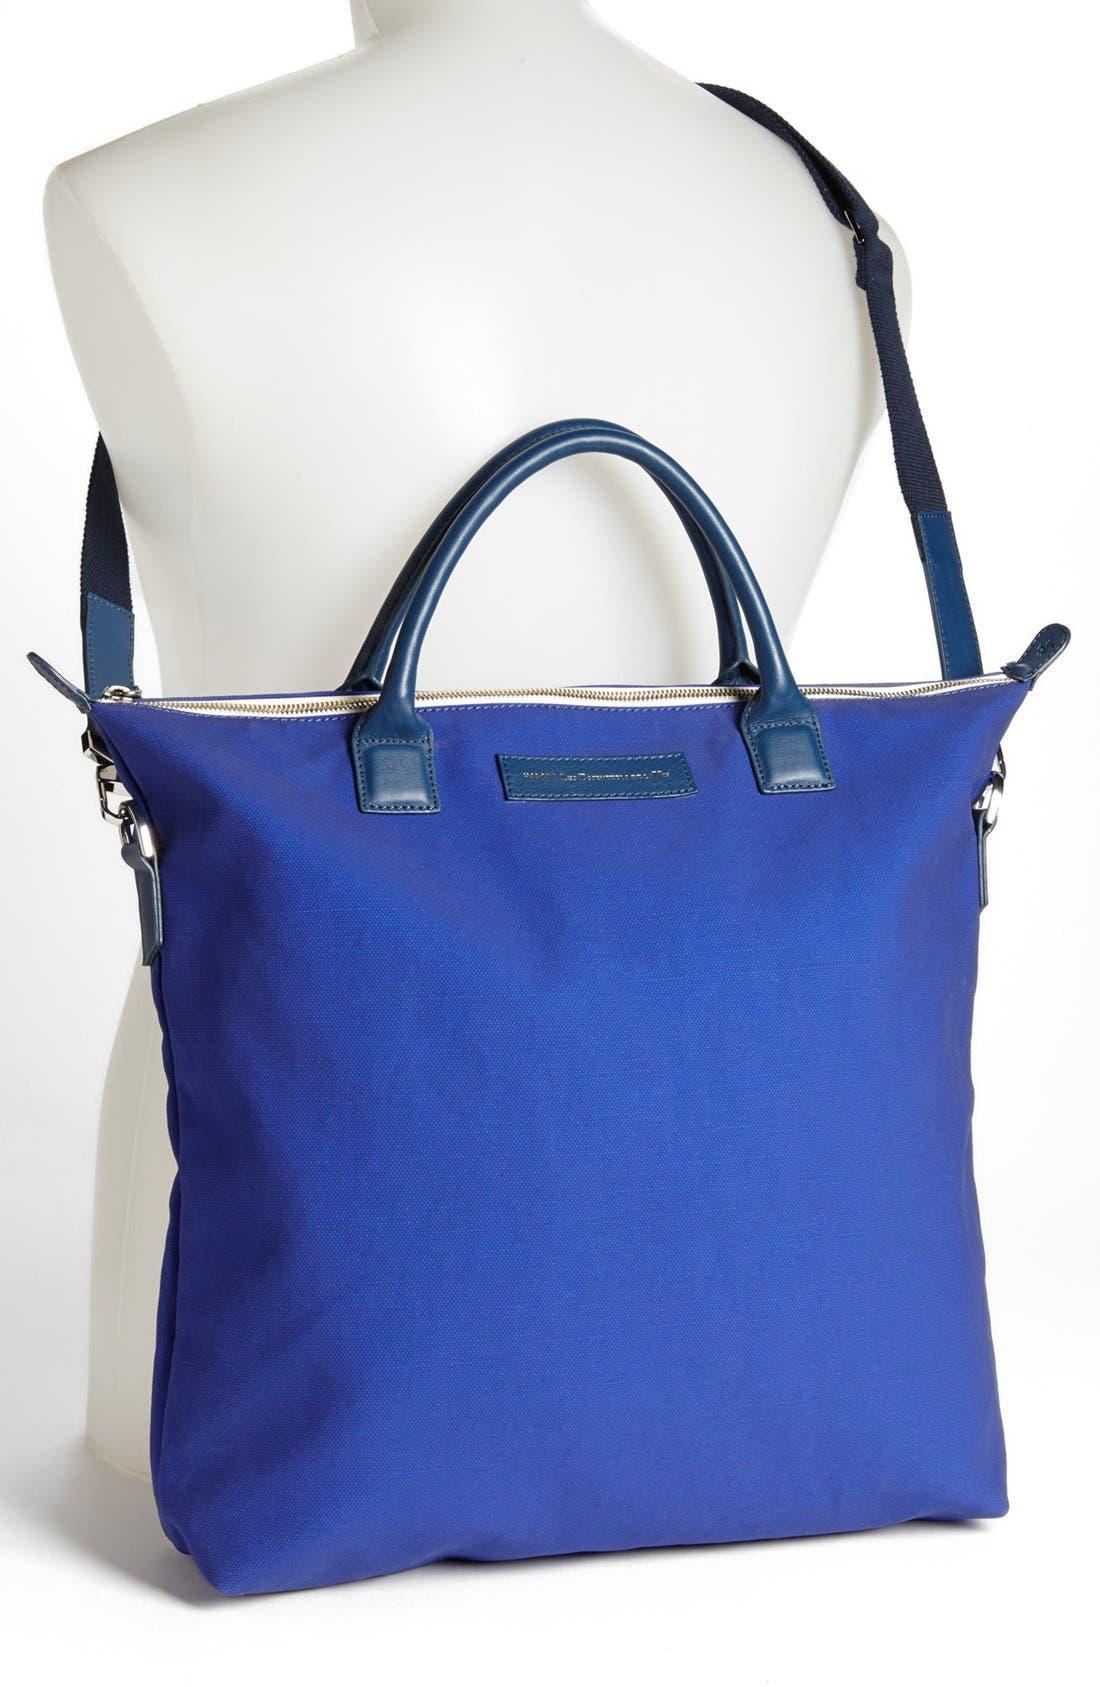 Alternate Image 2  - WANT Les Essentiels de la Vie 'O'Hare' Tote Bag